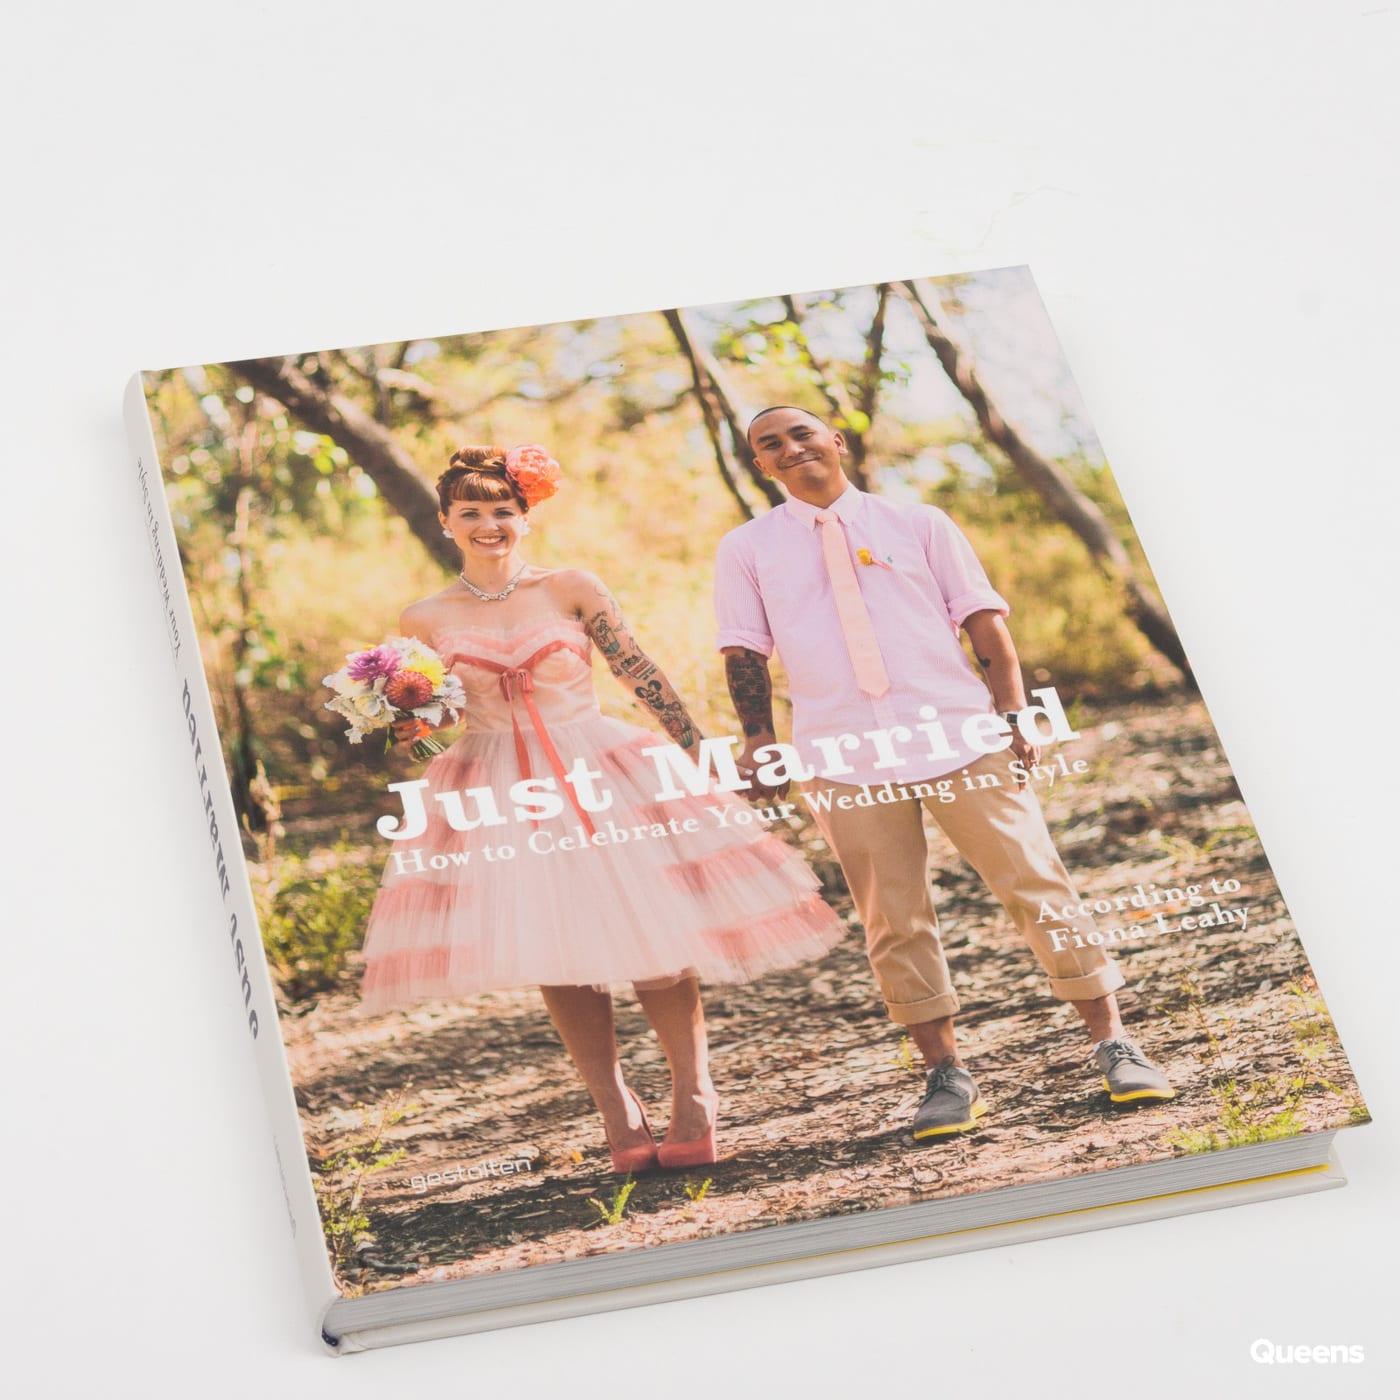 Gestalten Just Married